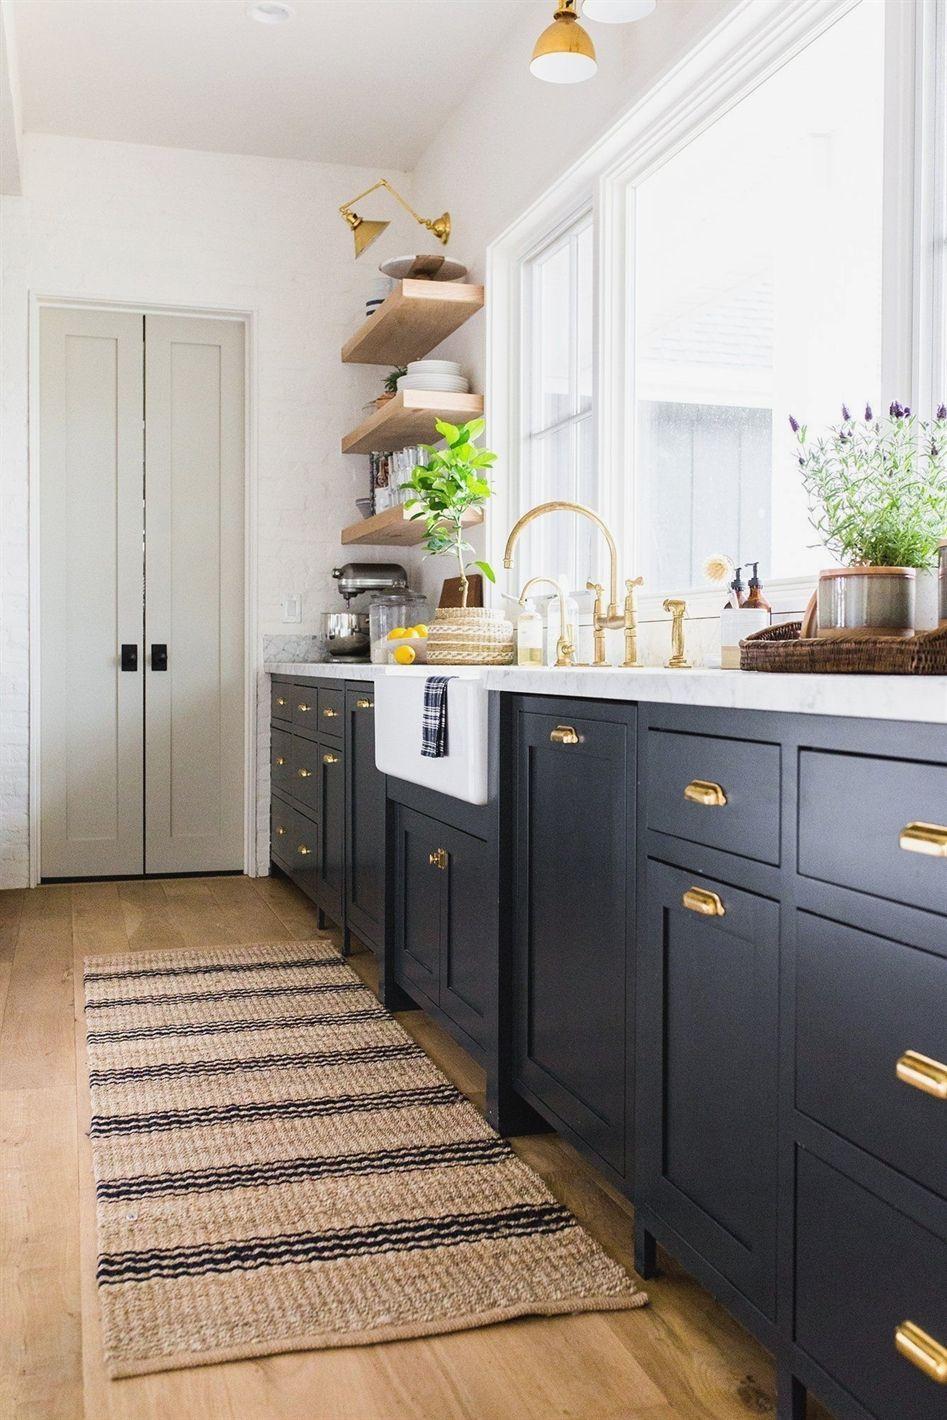 Kichan Room Decorative Accessories Need Help Designing My Kitchen Kitchen Design Modern Kitchen Kitchen Makeover